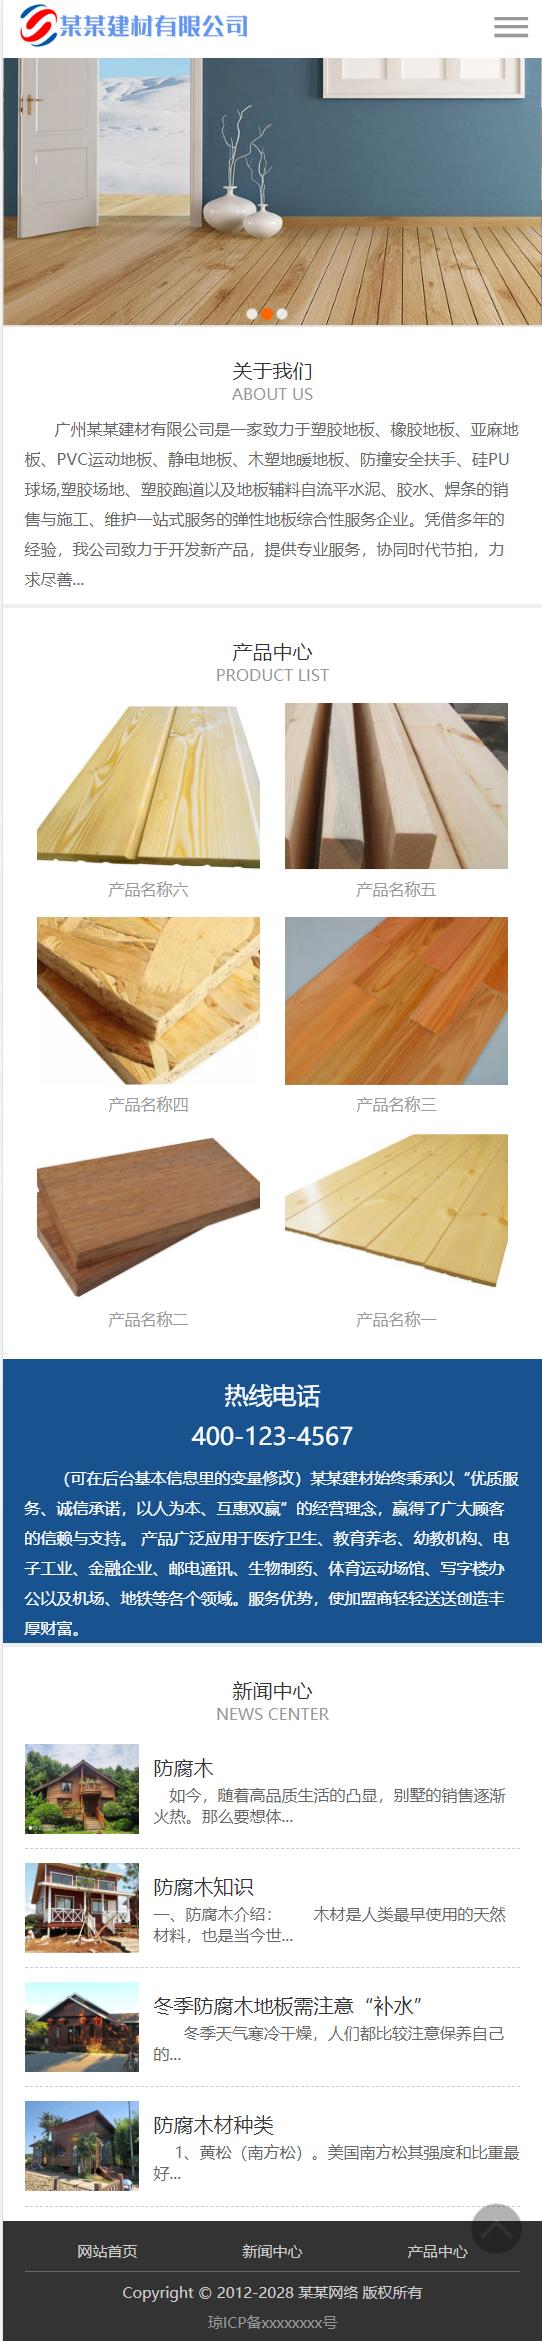 木质装饰装修材料公司企业模板官网企业网站源码下载自适应手机端带强大的后台管理系统